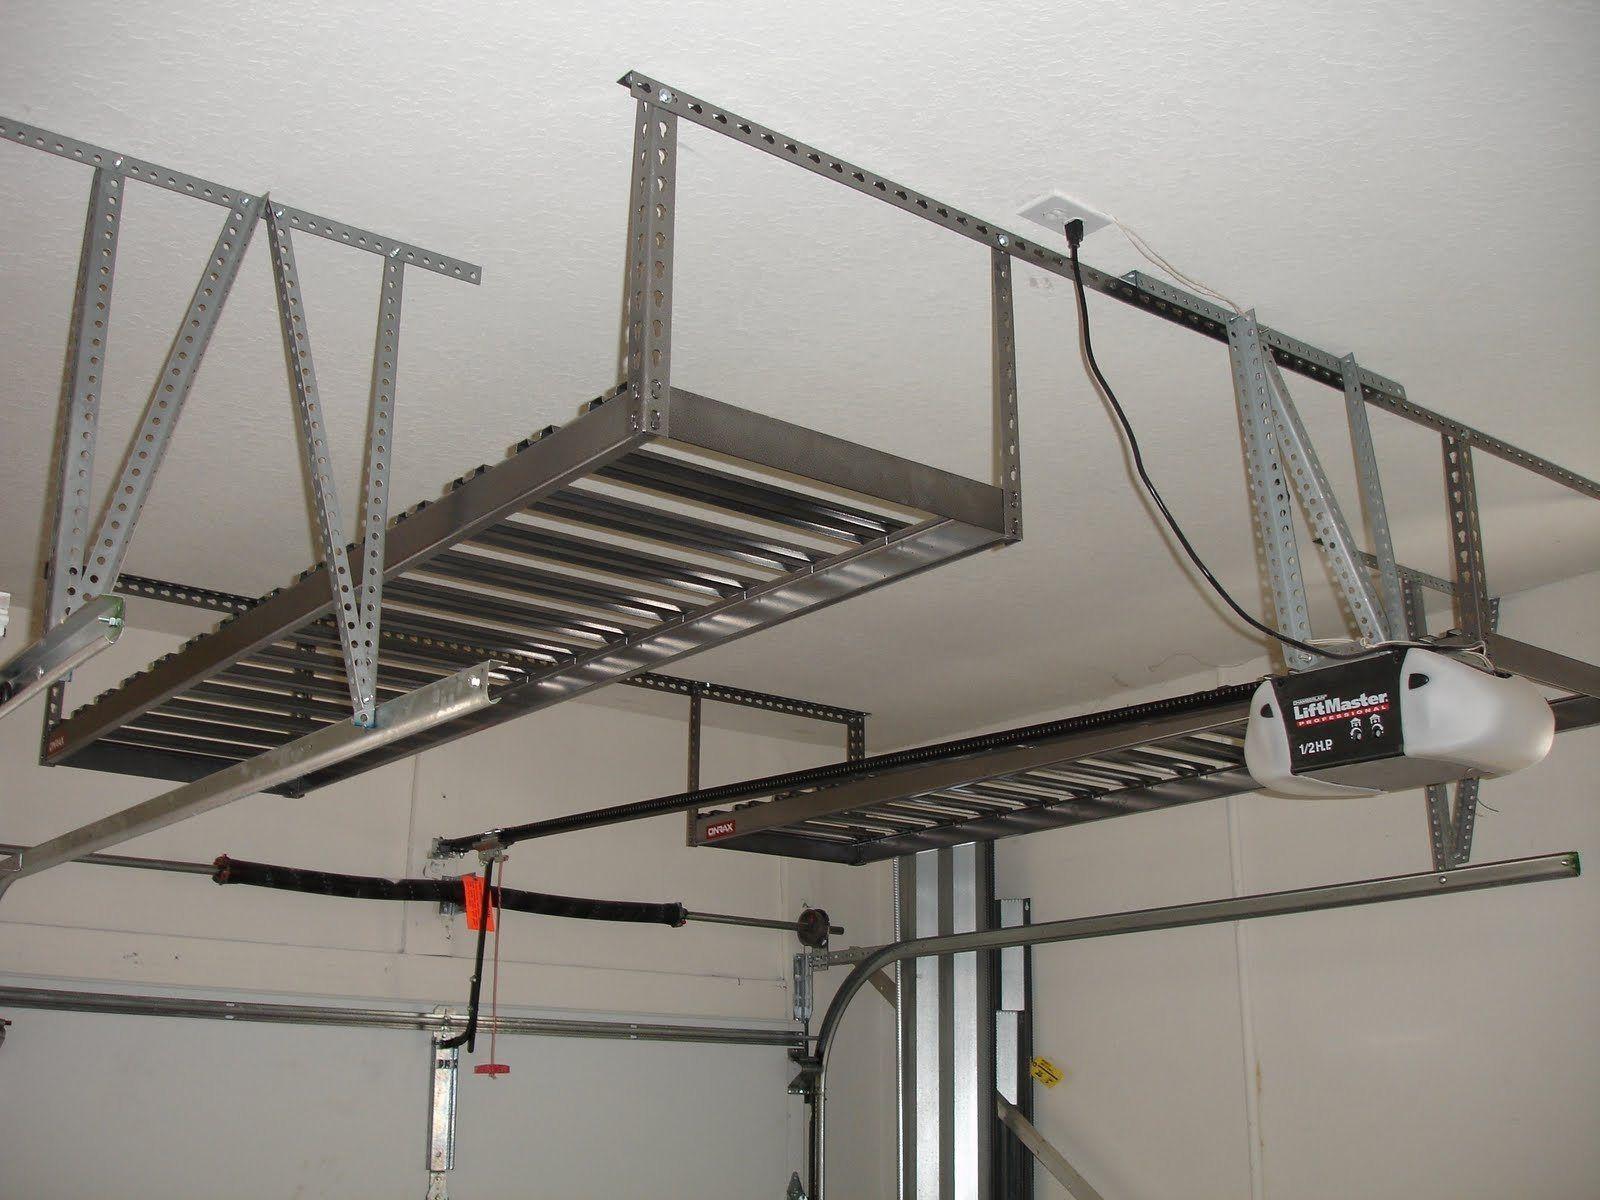 Garage Overhead Storage Design Garage Ceiling Storage Diy